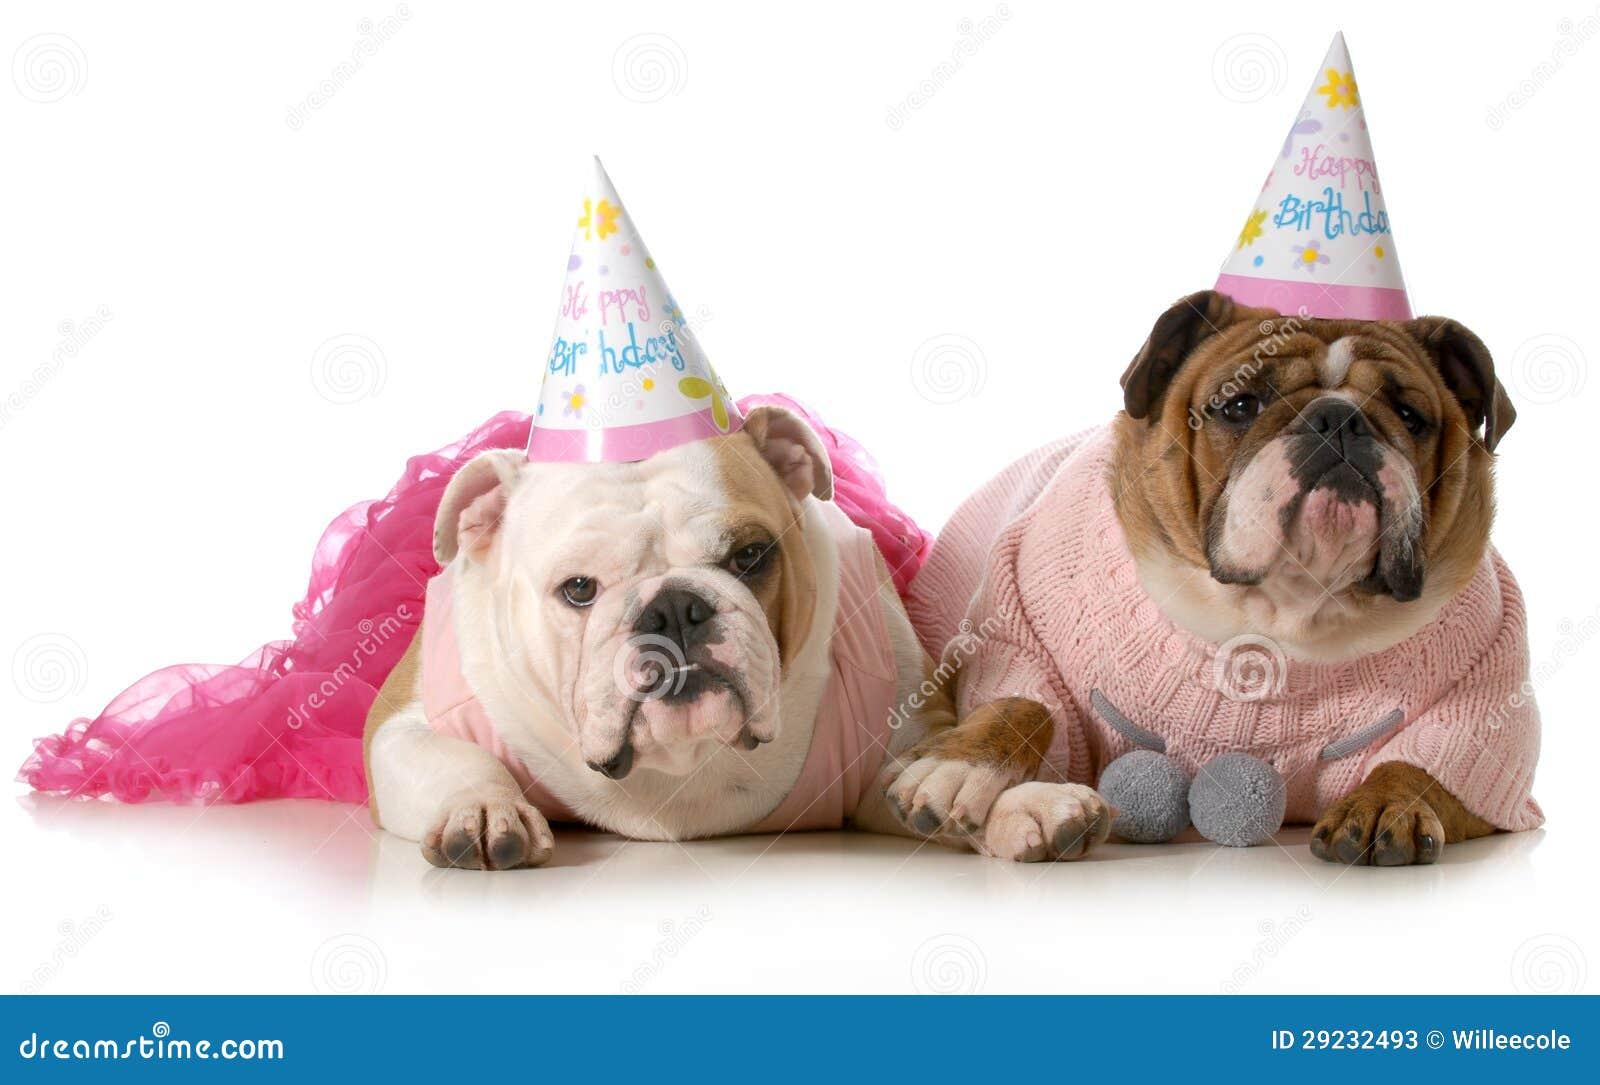 De Verjaardag Van De Hond Voorraadbeelden Download 2 779 Royalty